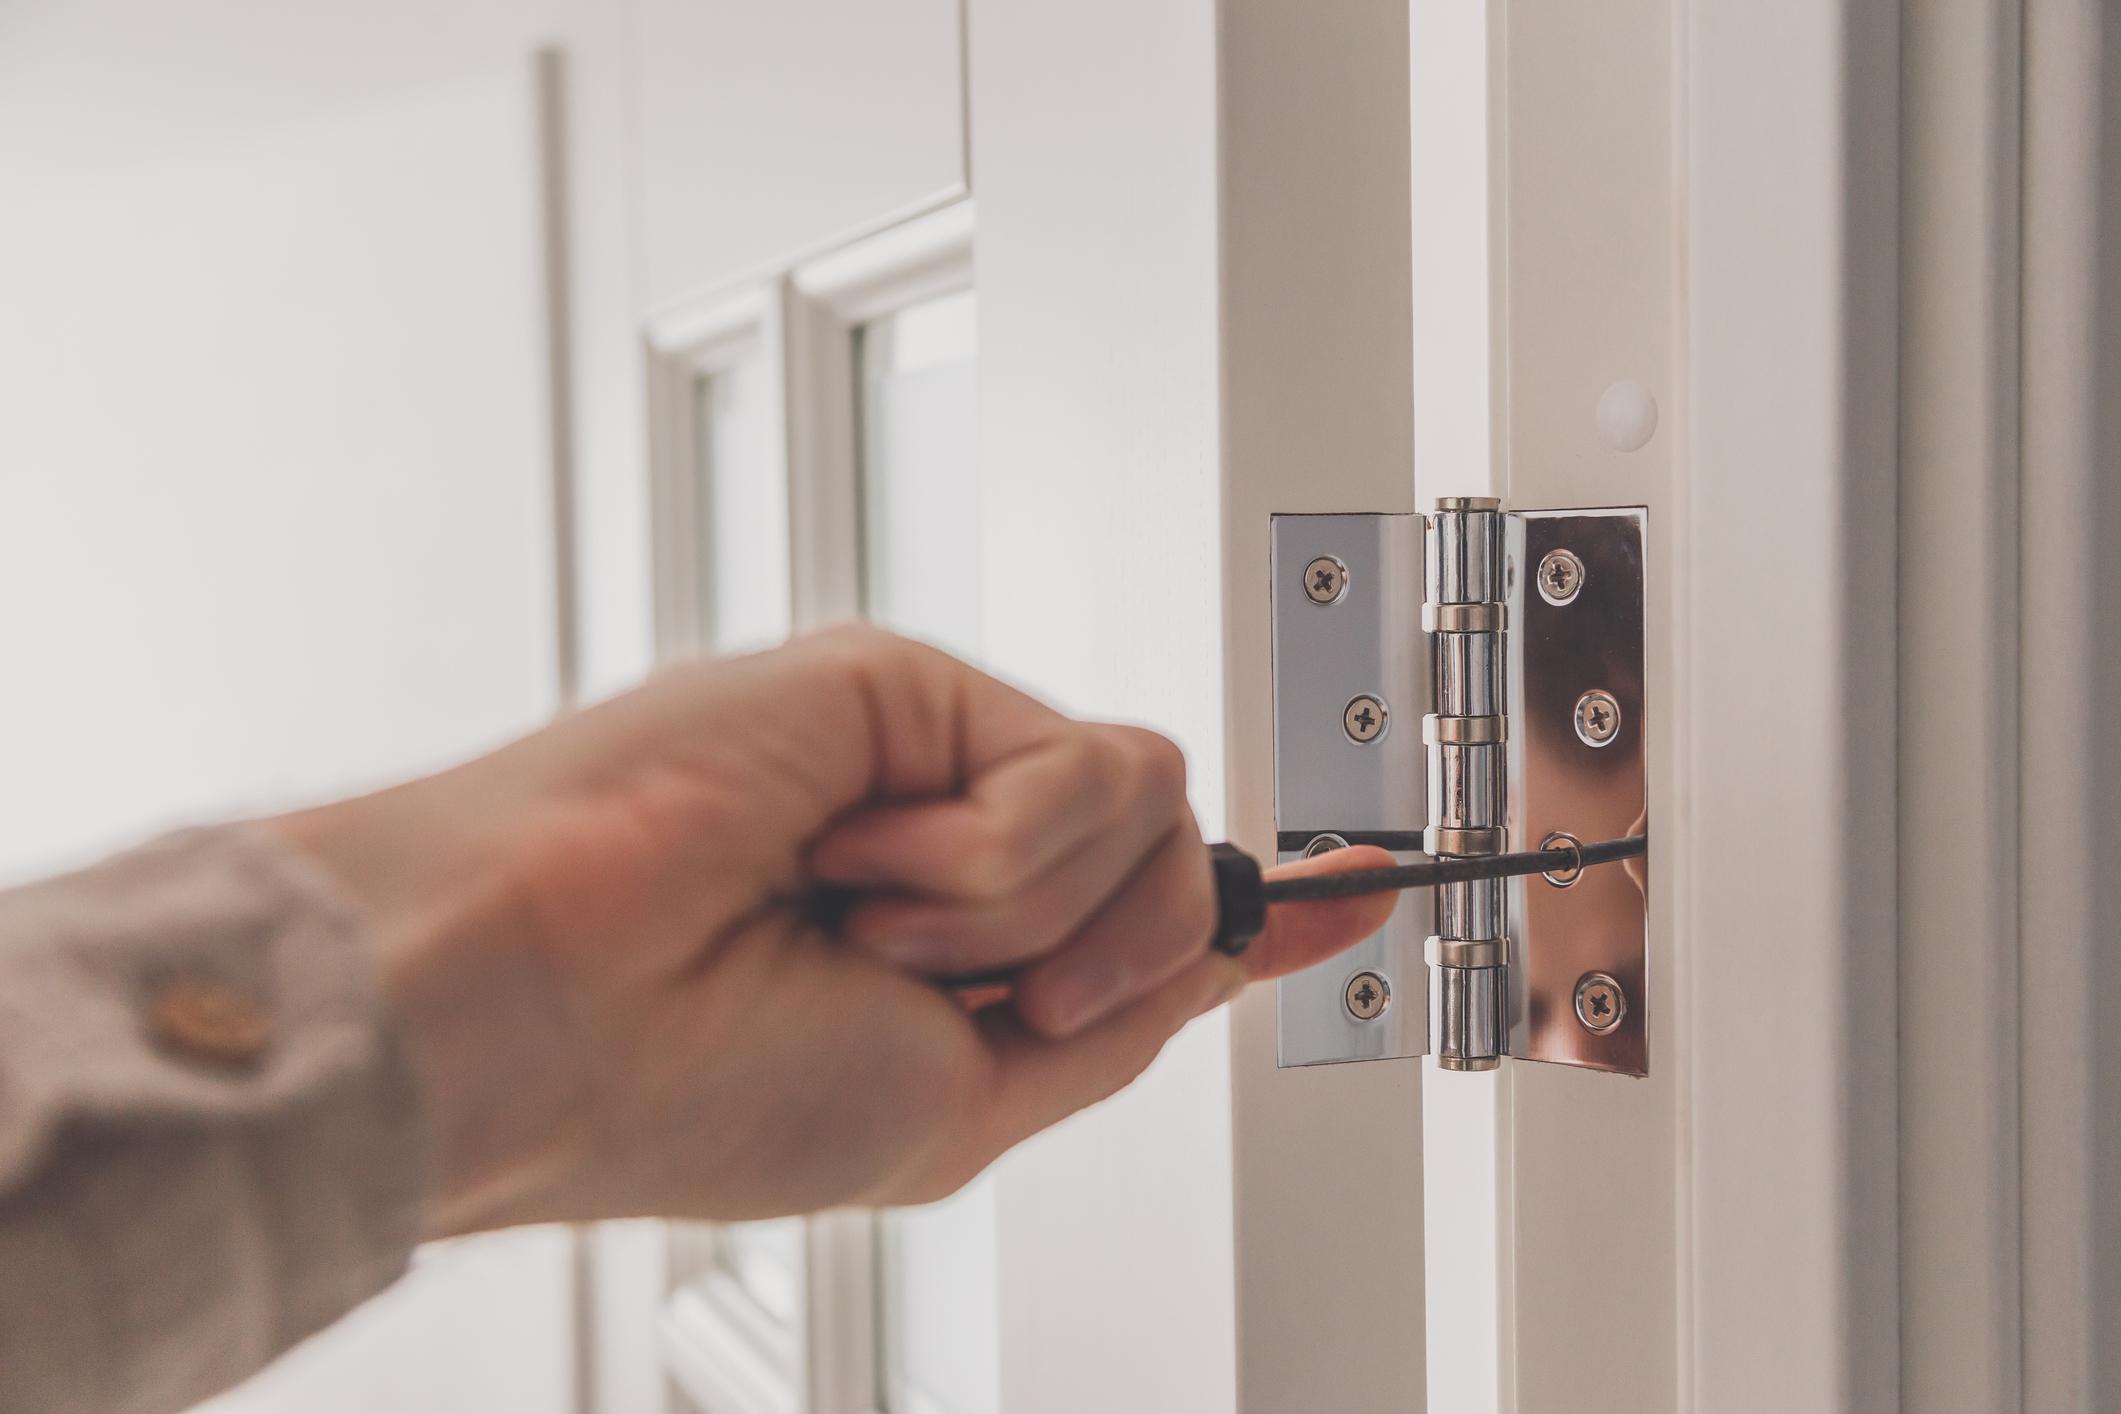 Jak ukryć zawiasy w drzwiach?